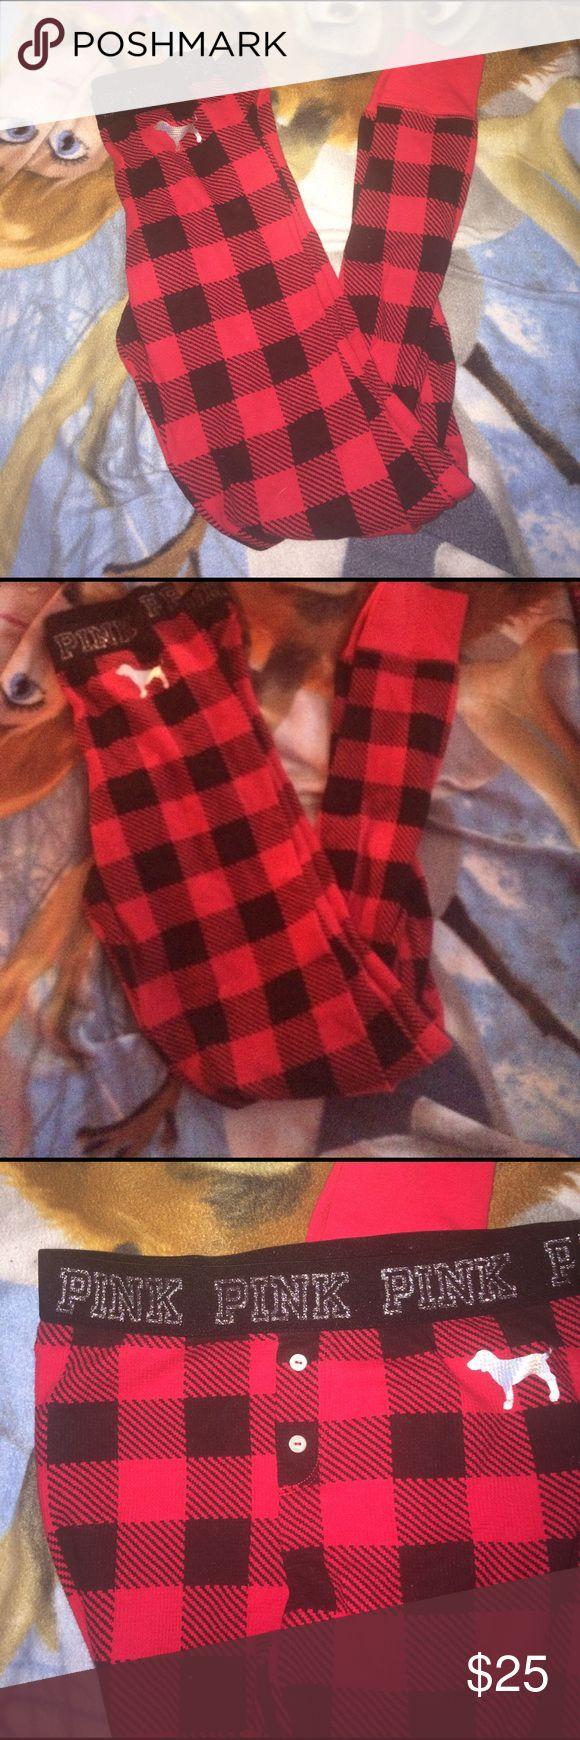 VS PINK Plaid Sleep Leggings Victoria's Secret PINK red plaid sleep in leggings for bed . Size small NWOT PINK Victoria's Secret Intimates & Sleepwear Pajamas